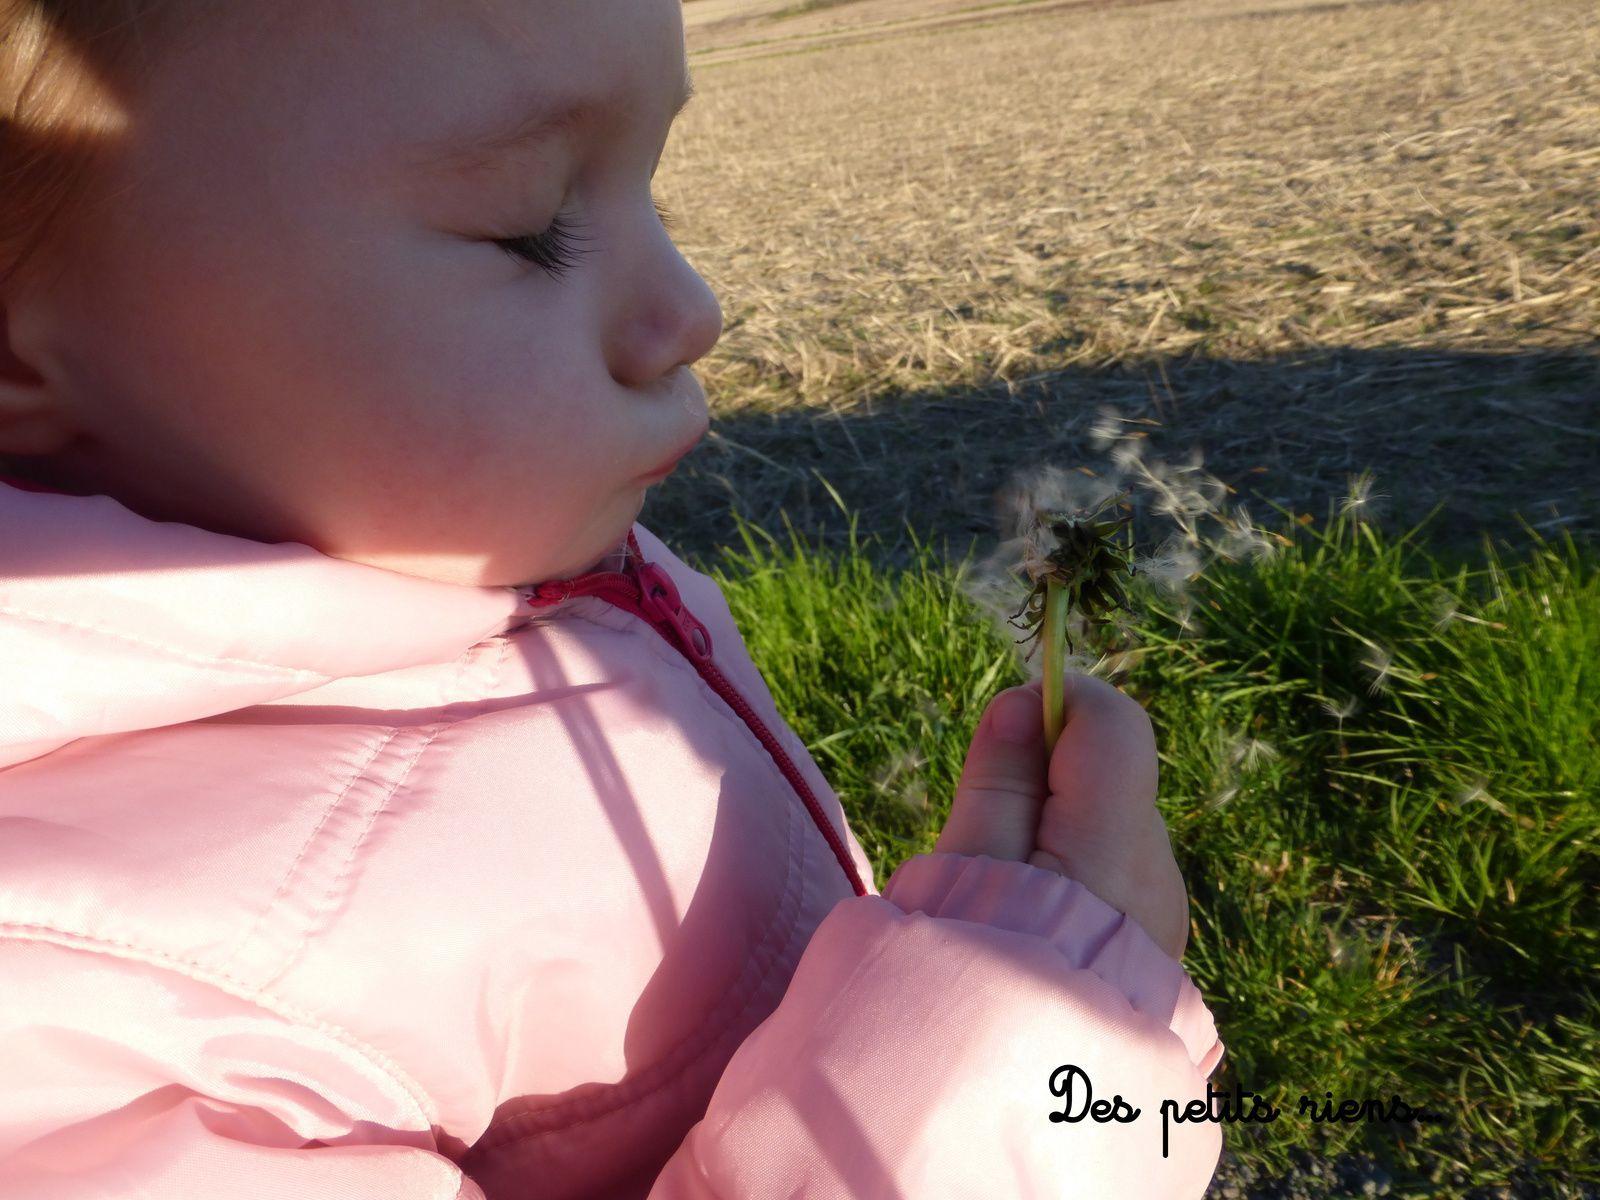 Une fleur de pissenlit...